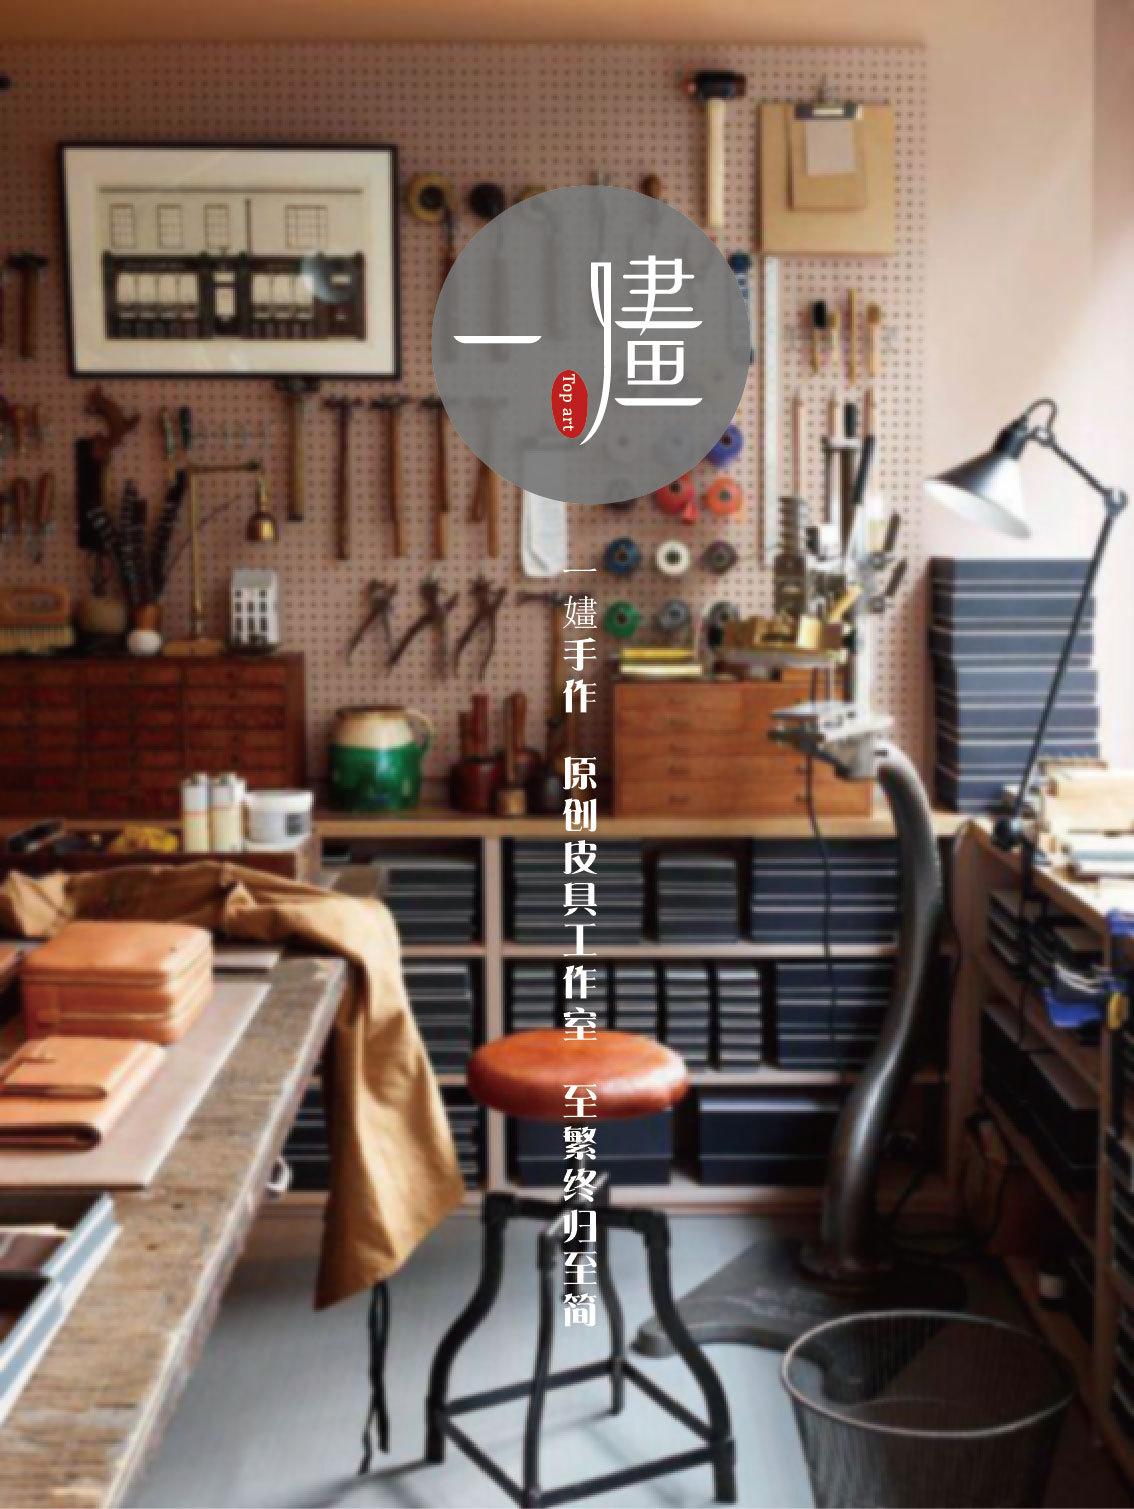 一嫿 手作原创皮具工作室logo设计